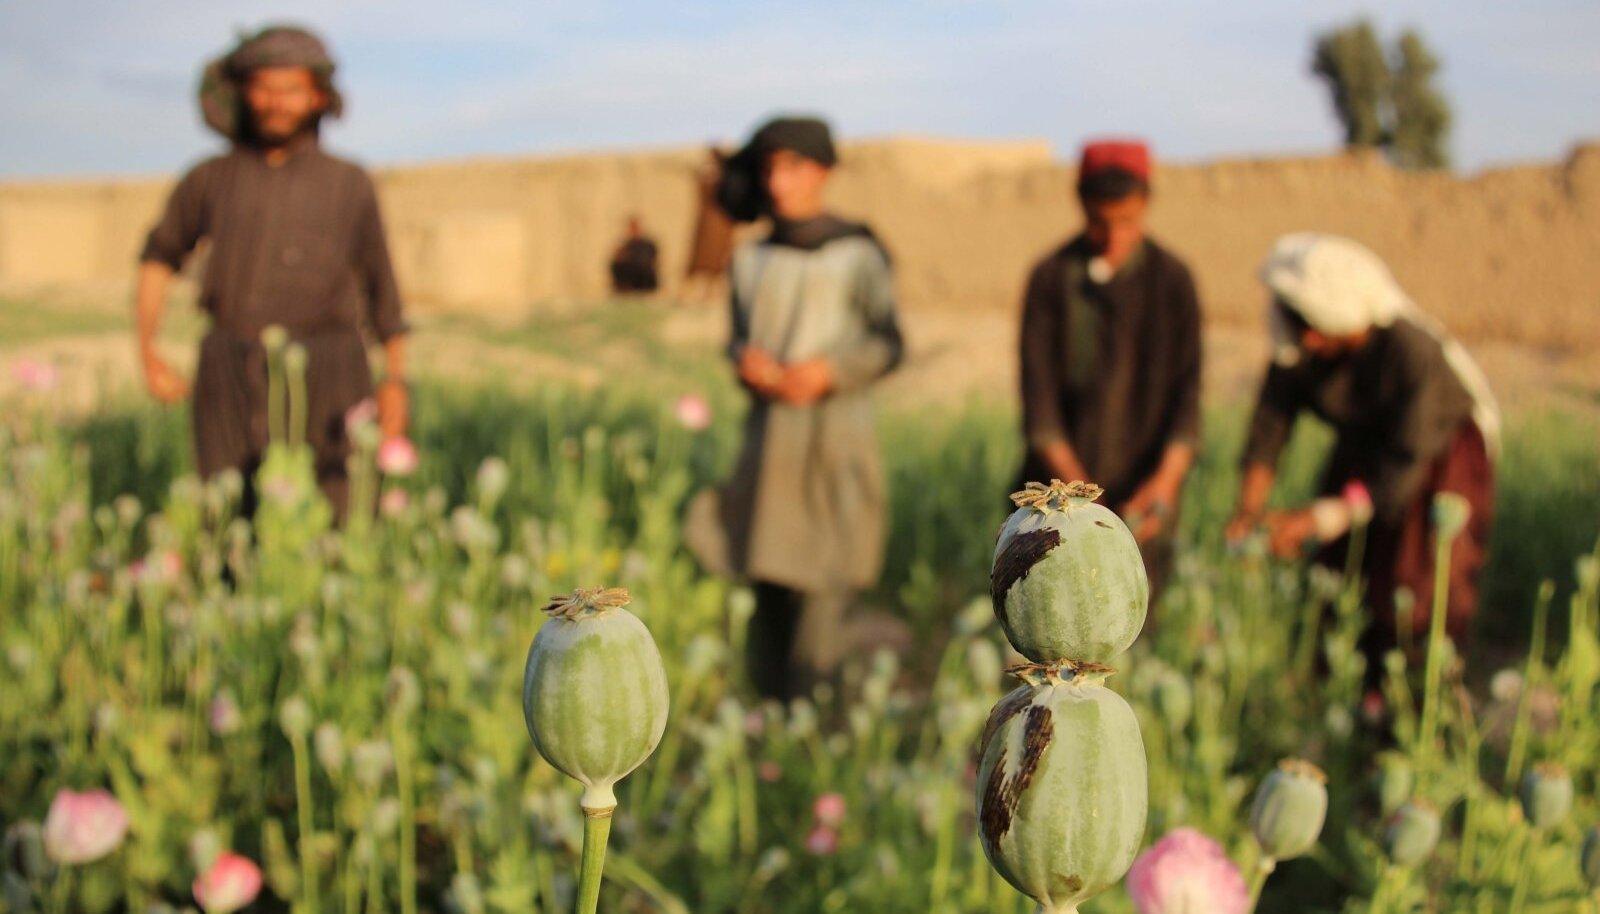 Oopiumimajandus, mis pakub põllupidajatele mitu korda kindlamat elatisallikat kui toidukasvatus.